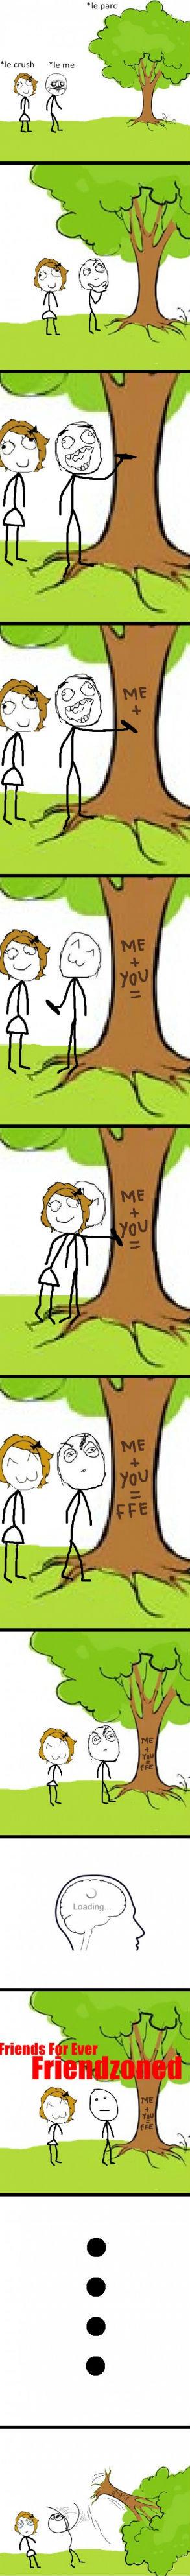 Treezoned. . Treezoned